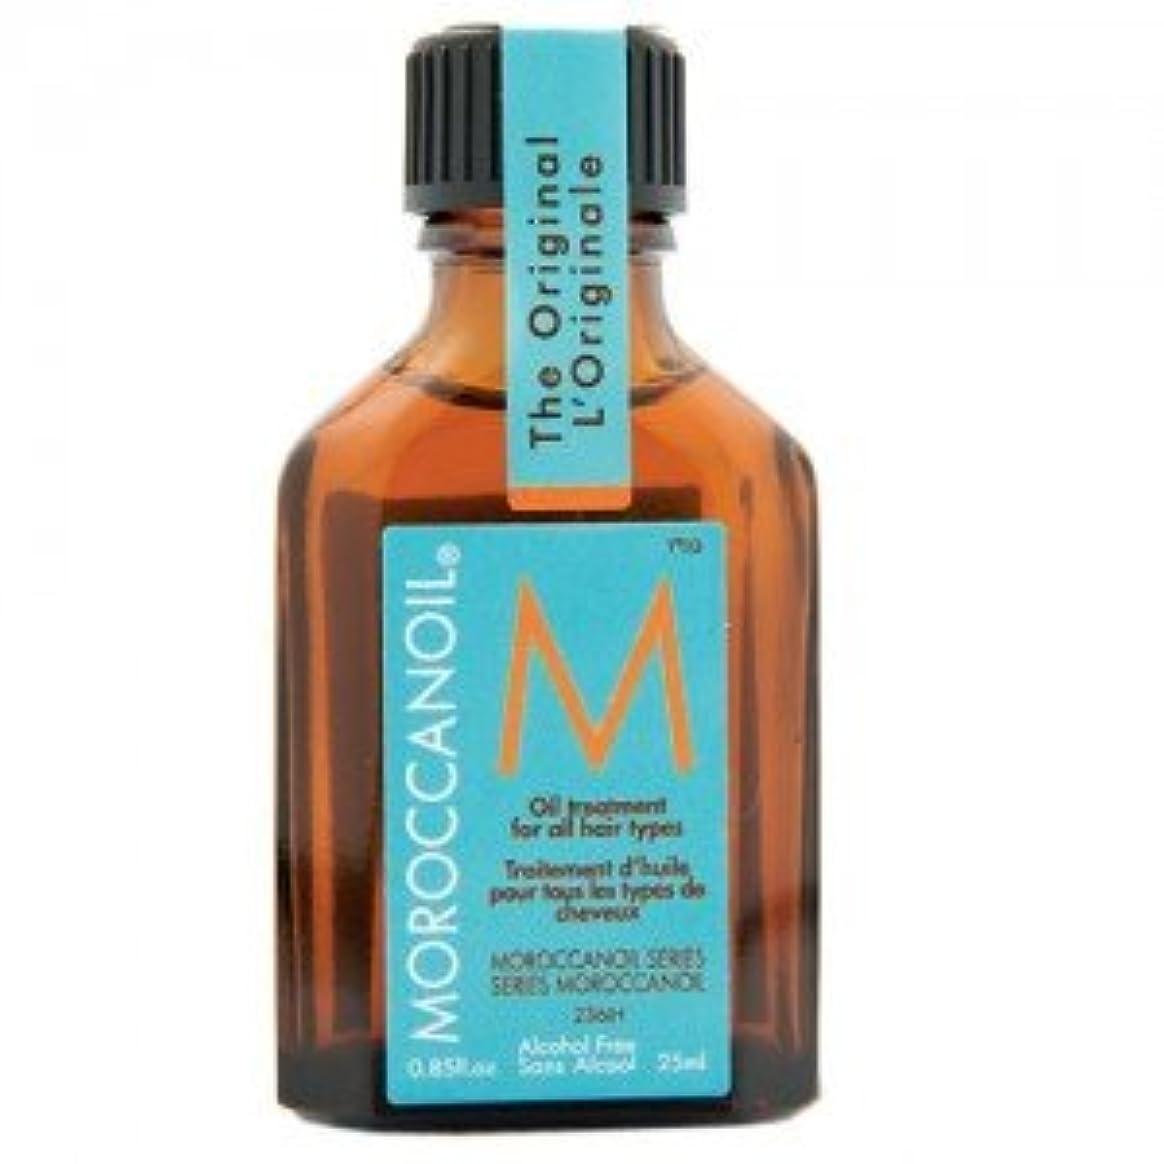 争う減らす壁紙モロッカンオイル(MOROCCANOIL) モロッカンオイル 25ml[並行輸入品]